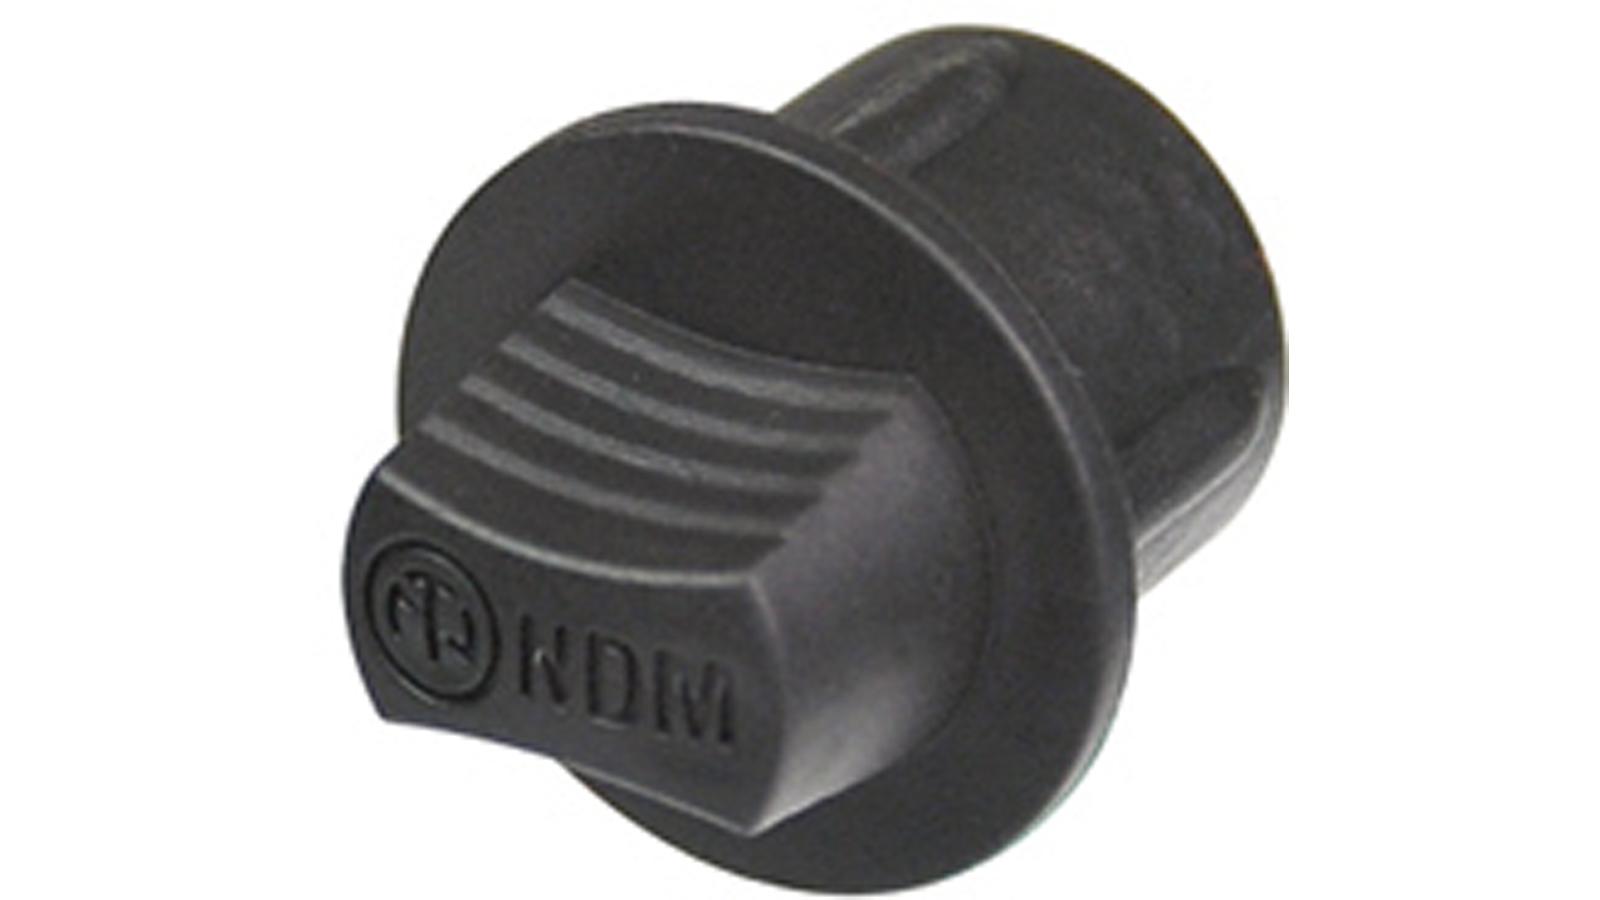 Neutrik NDM Dummy Plug XLR male